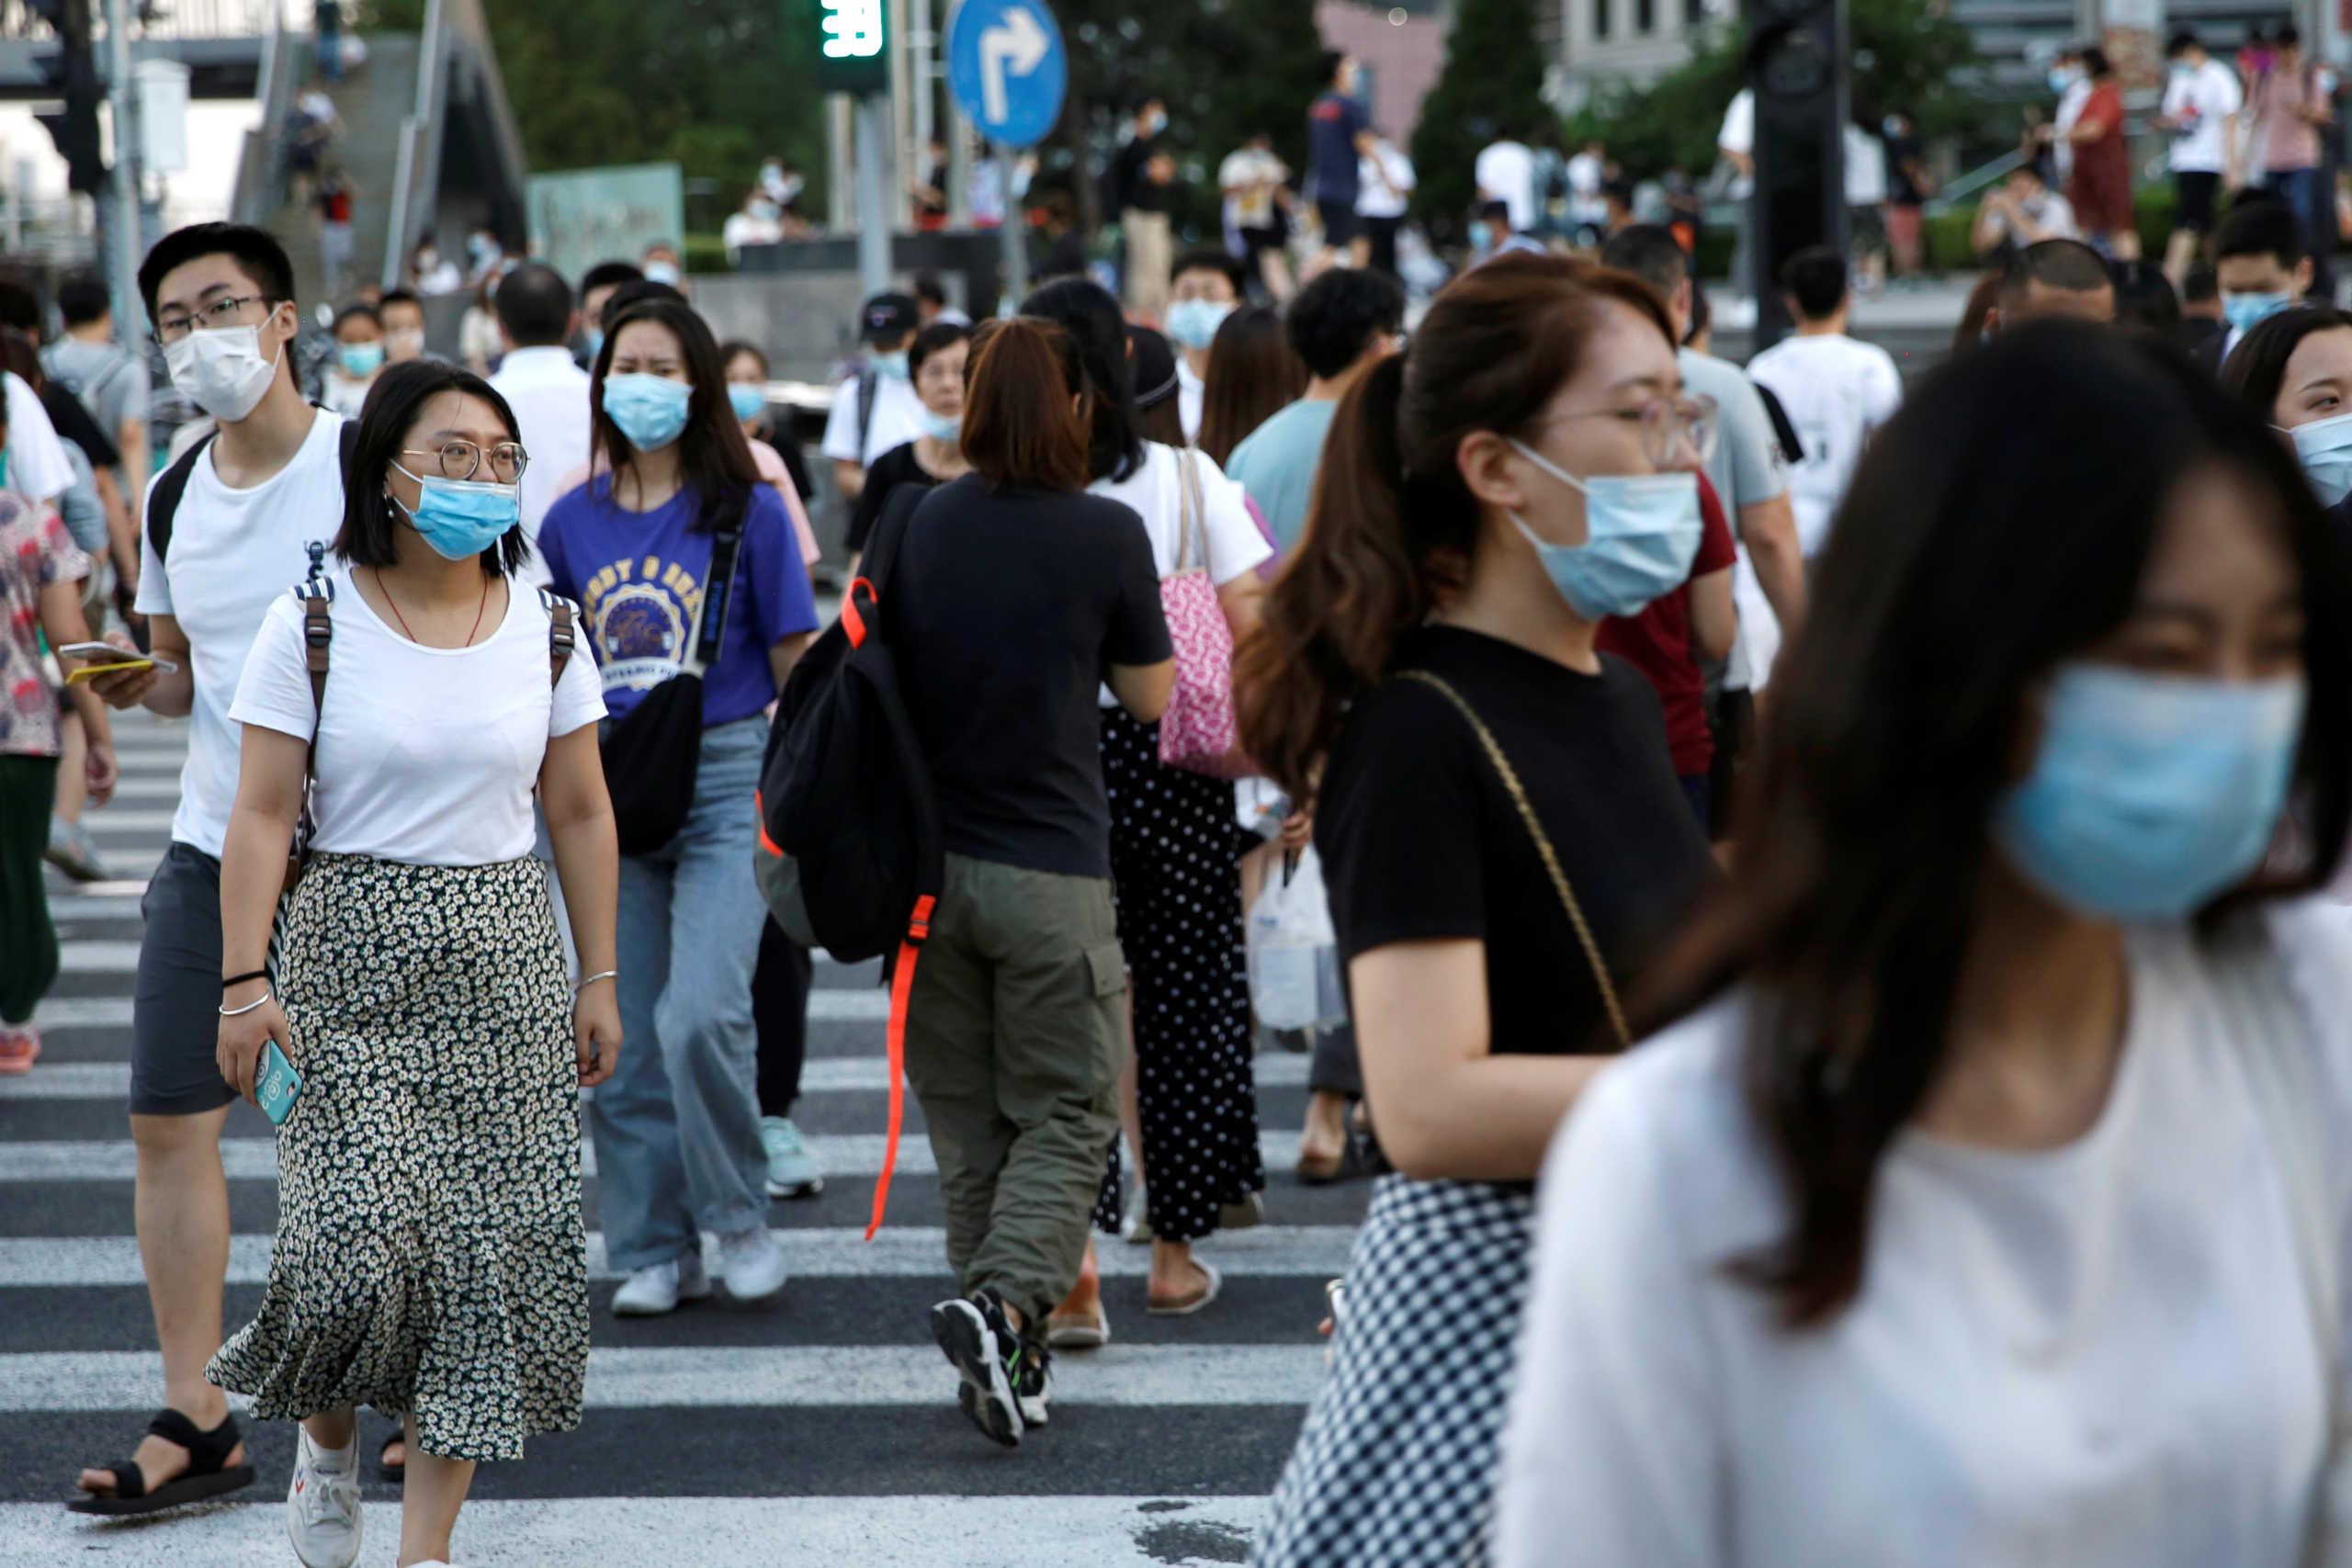 Κίνα: 8 κρούσματα το τελευταίο 24ωρο – Αυξάνονται οι ασυμπτωματικοί